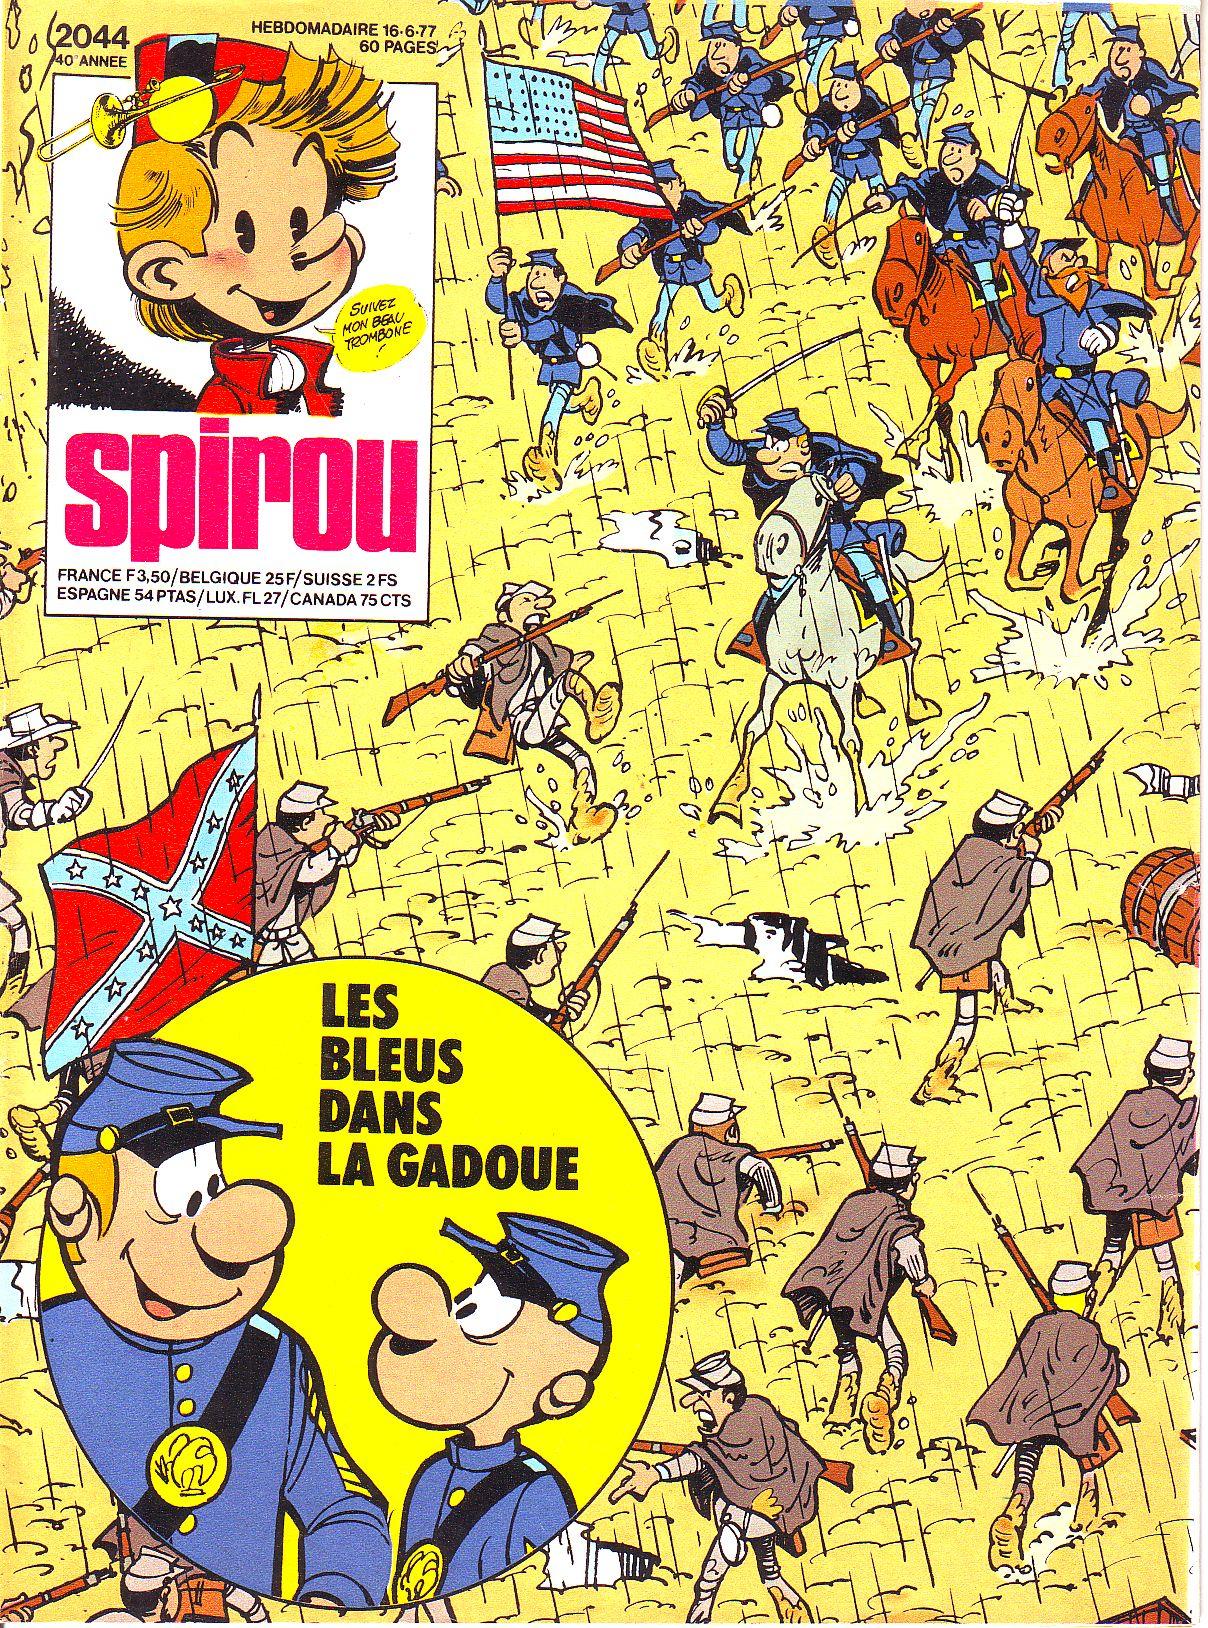 Le journal de Spirou 2044